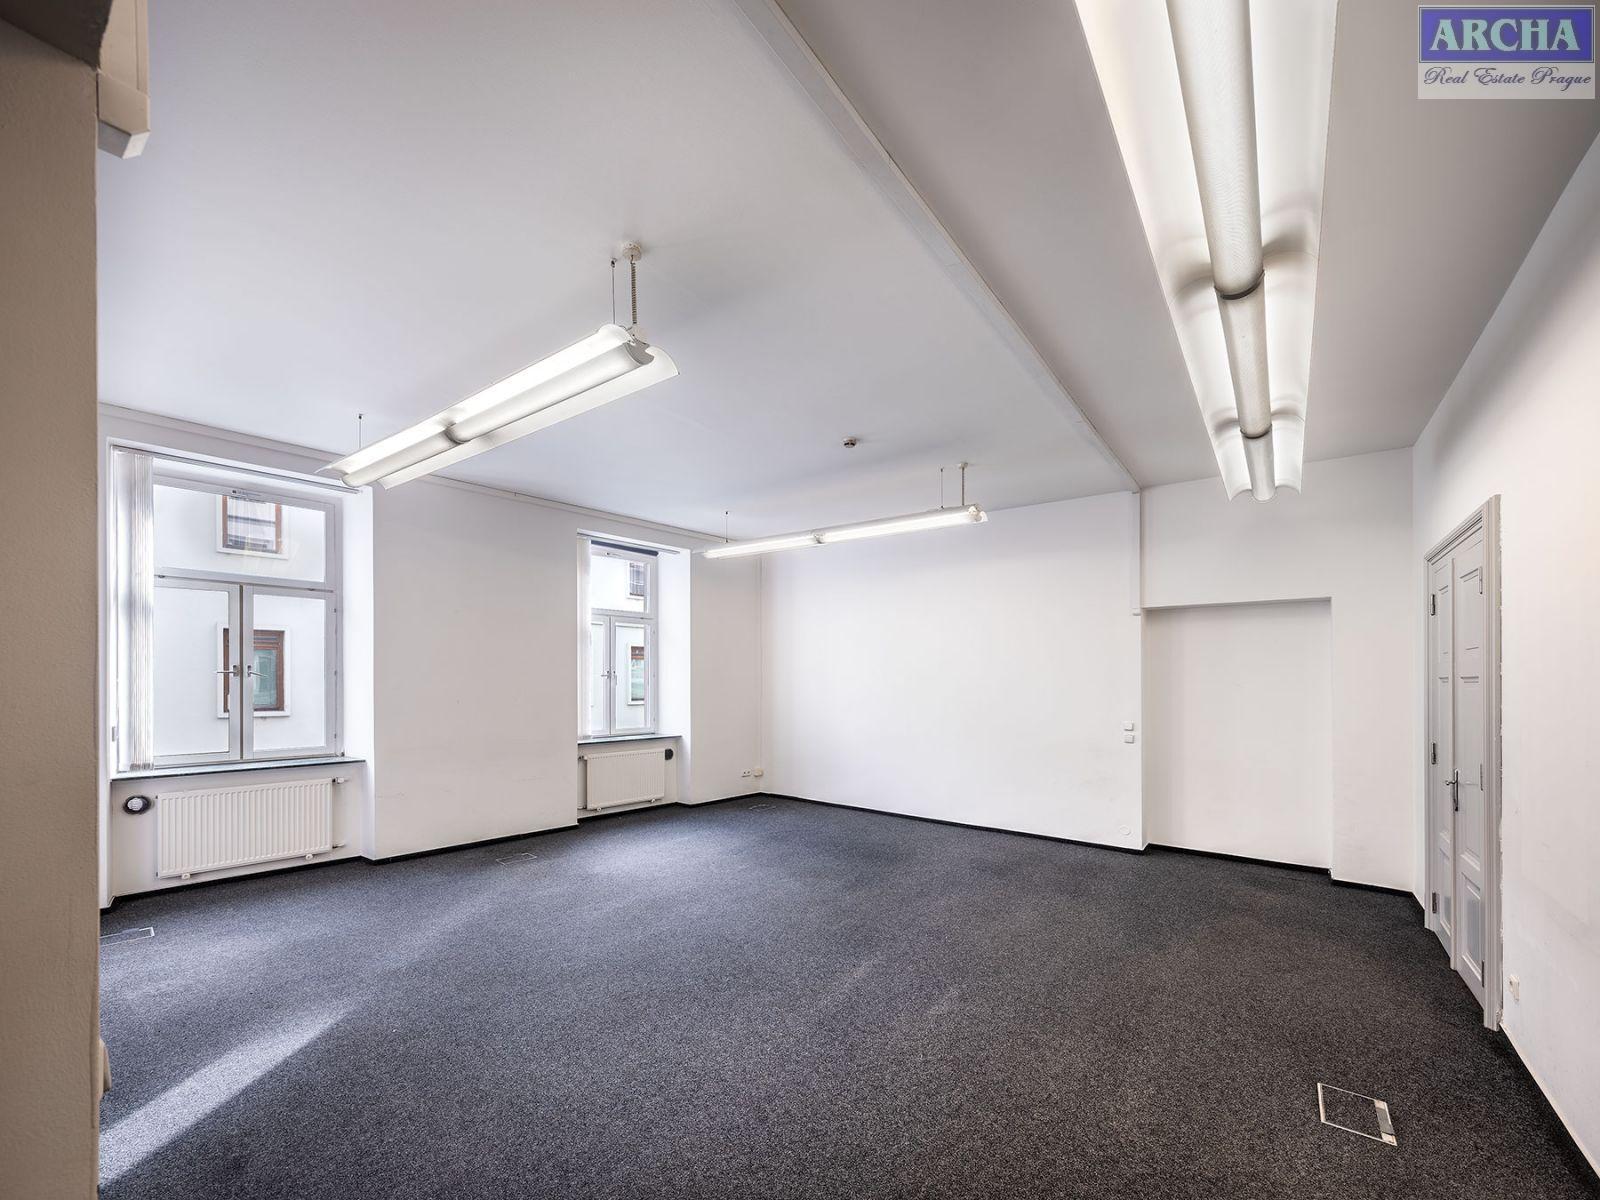 Nájem moderních kanceláří 425 m2, mezanin, Praha 1 Centrum